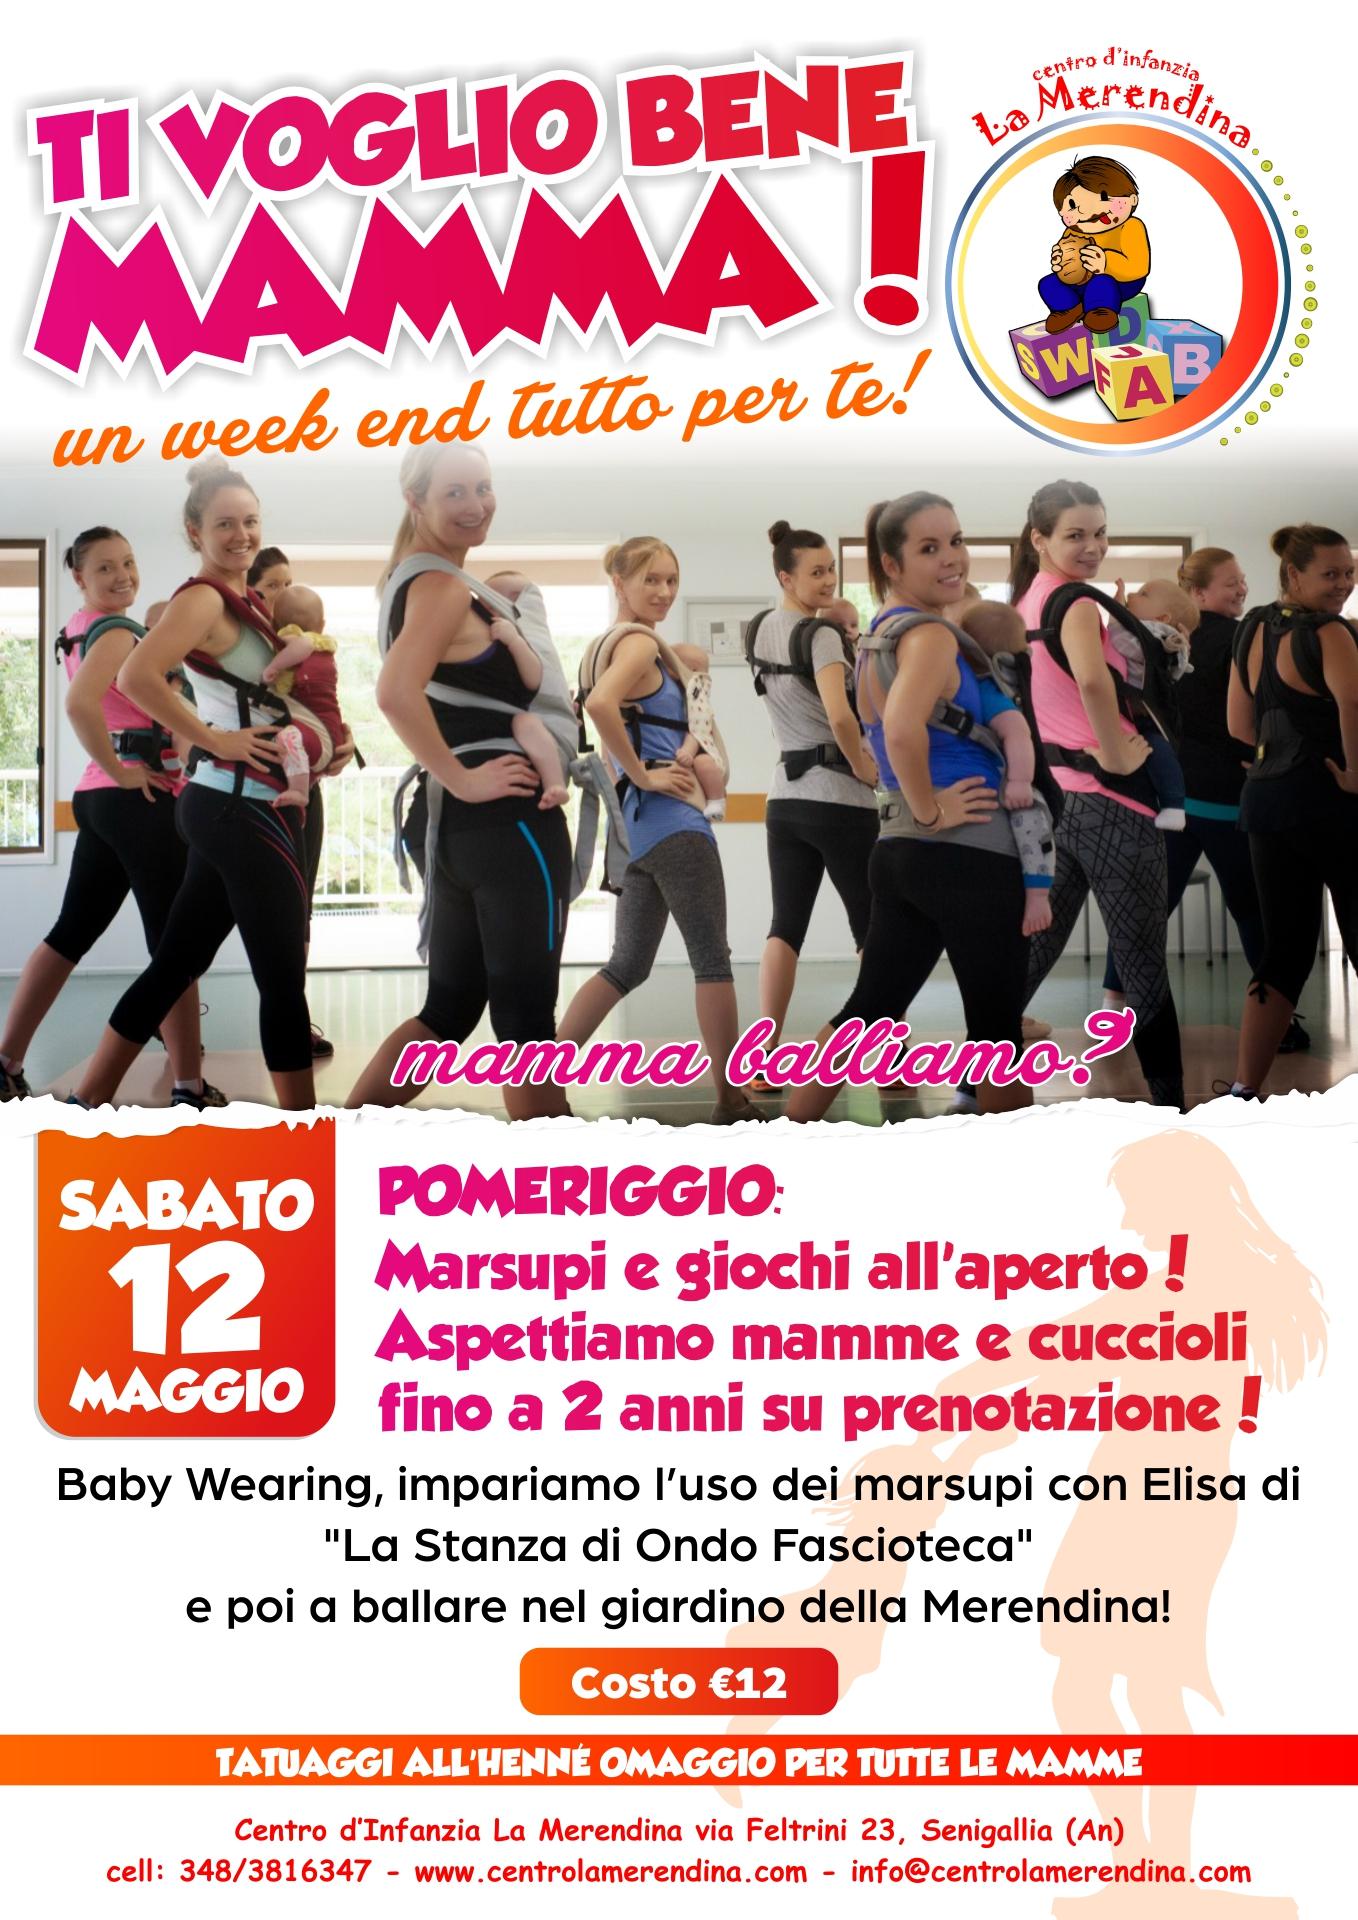 volantino_la_merendina_mamma12maggio